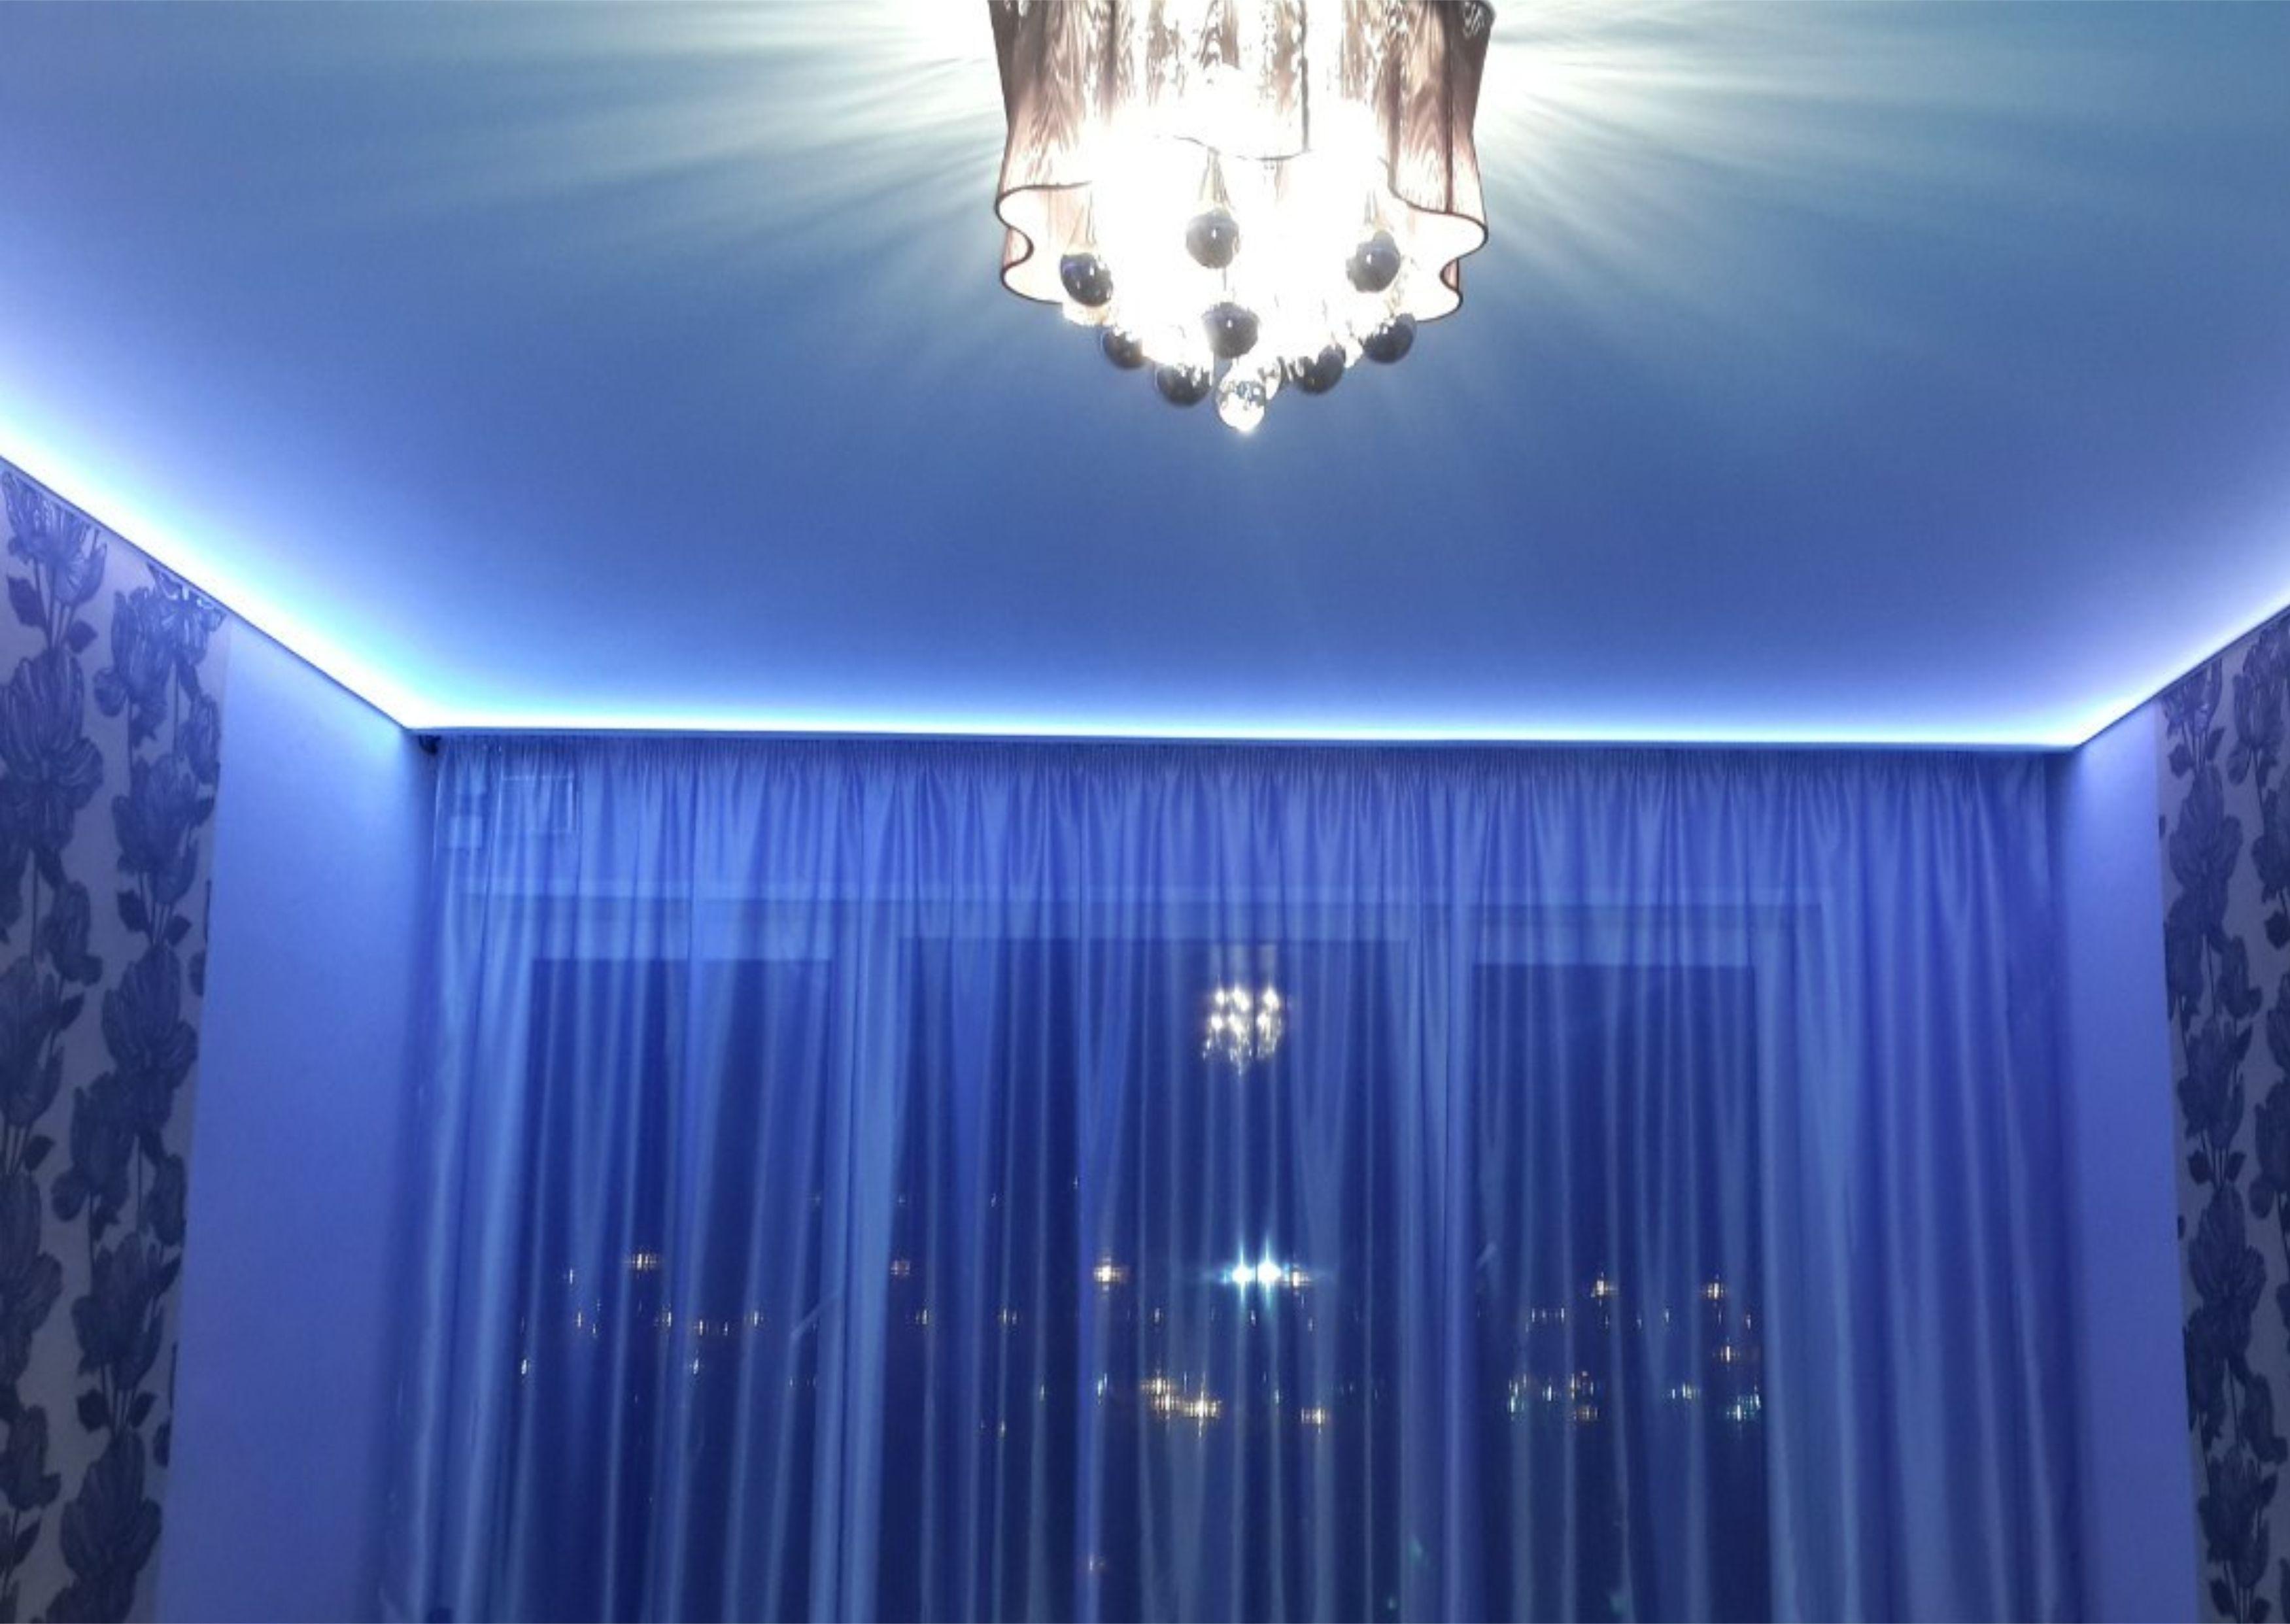 натяжной потолок с подсветкой честными ценами